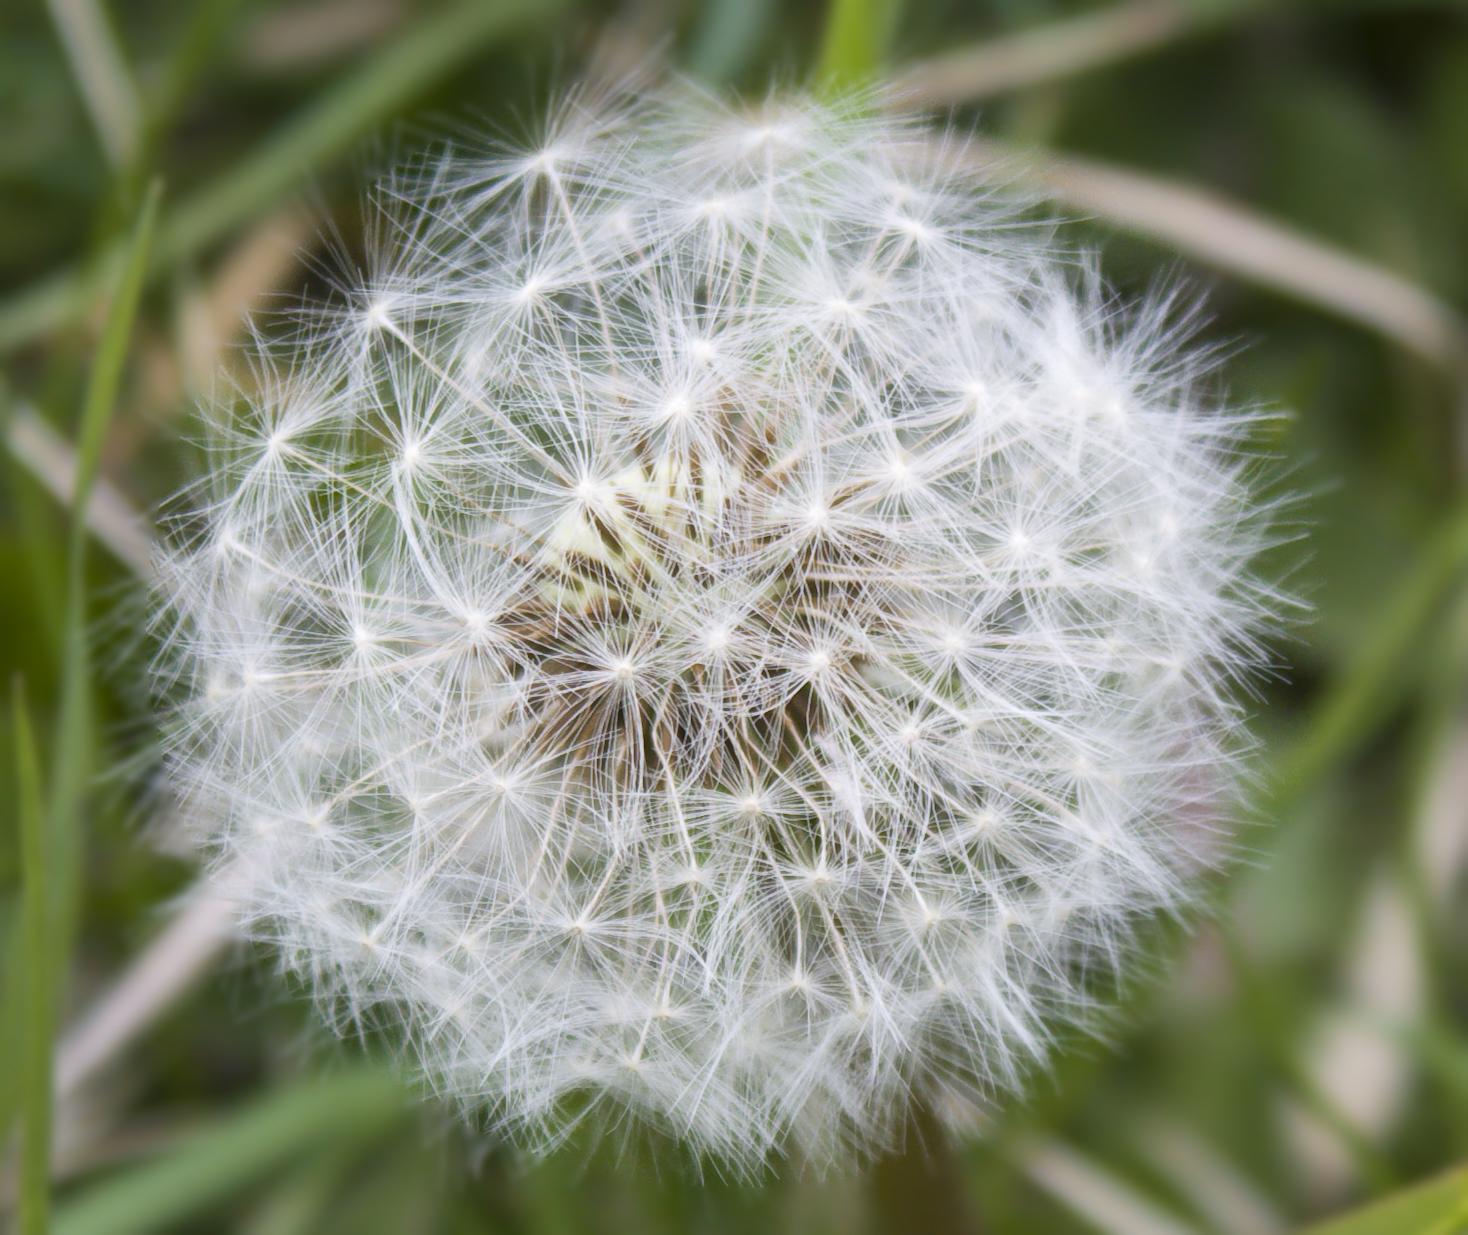 Dandelion flower in the wilderness photo